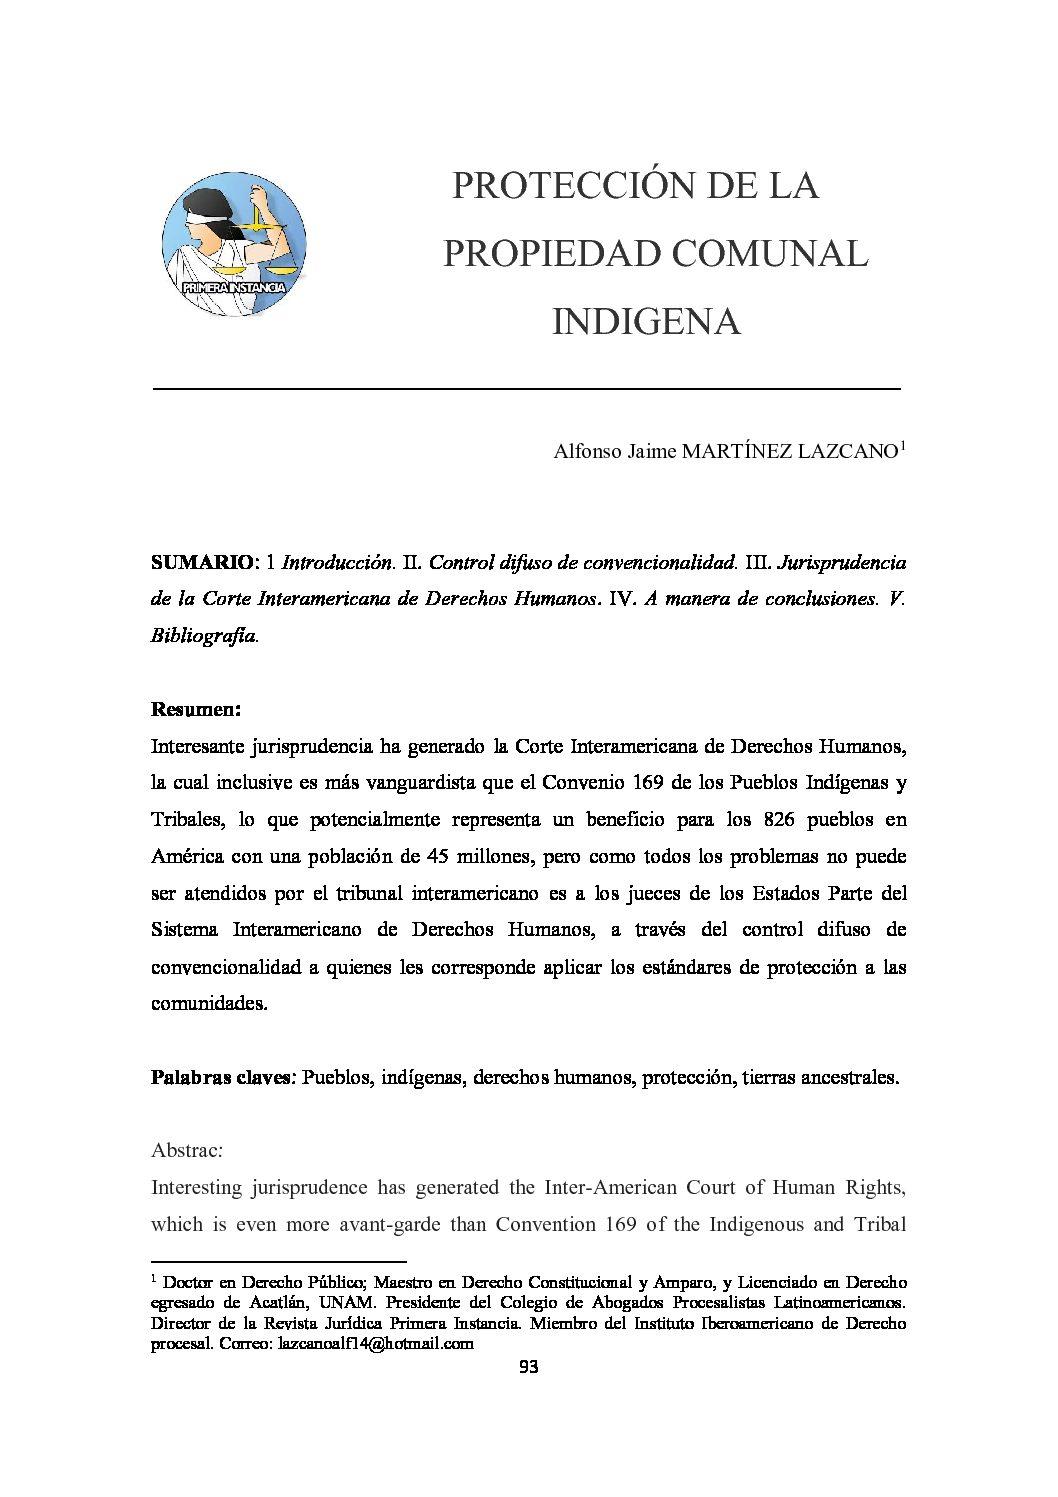 PROTECCIÓN DE LA PROPIEDAD COMUNAL INDÍGENA, Alfonso Jaime Martínez Lazcano